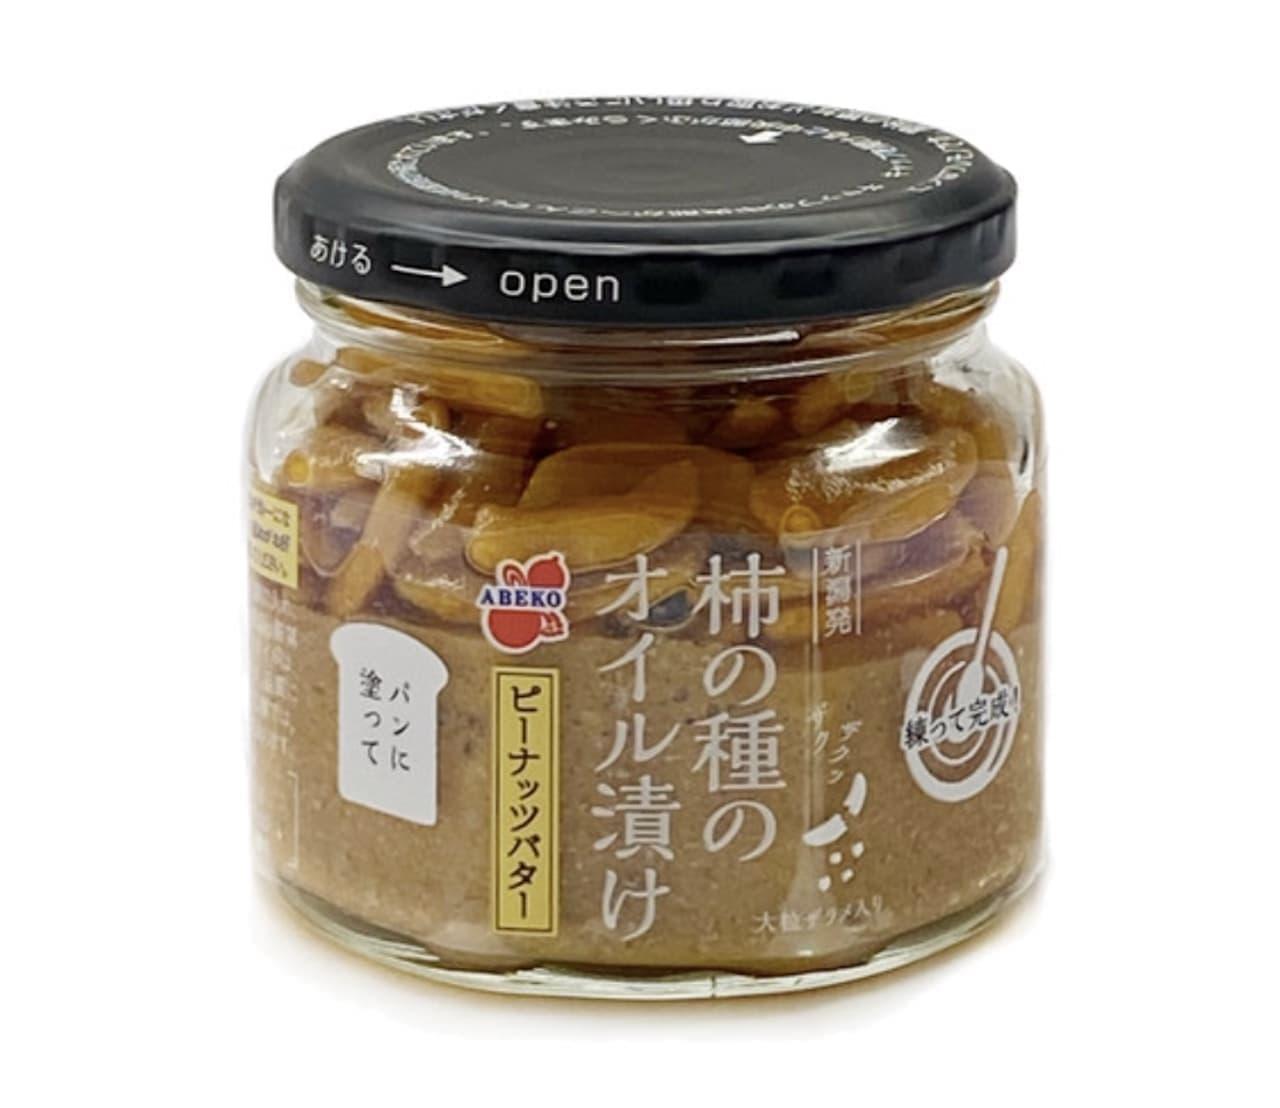 阿部幸製菓「新潟発 柿の種のオイル漬け ピーナッツバター」